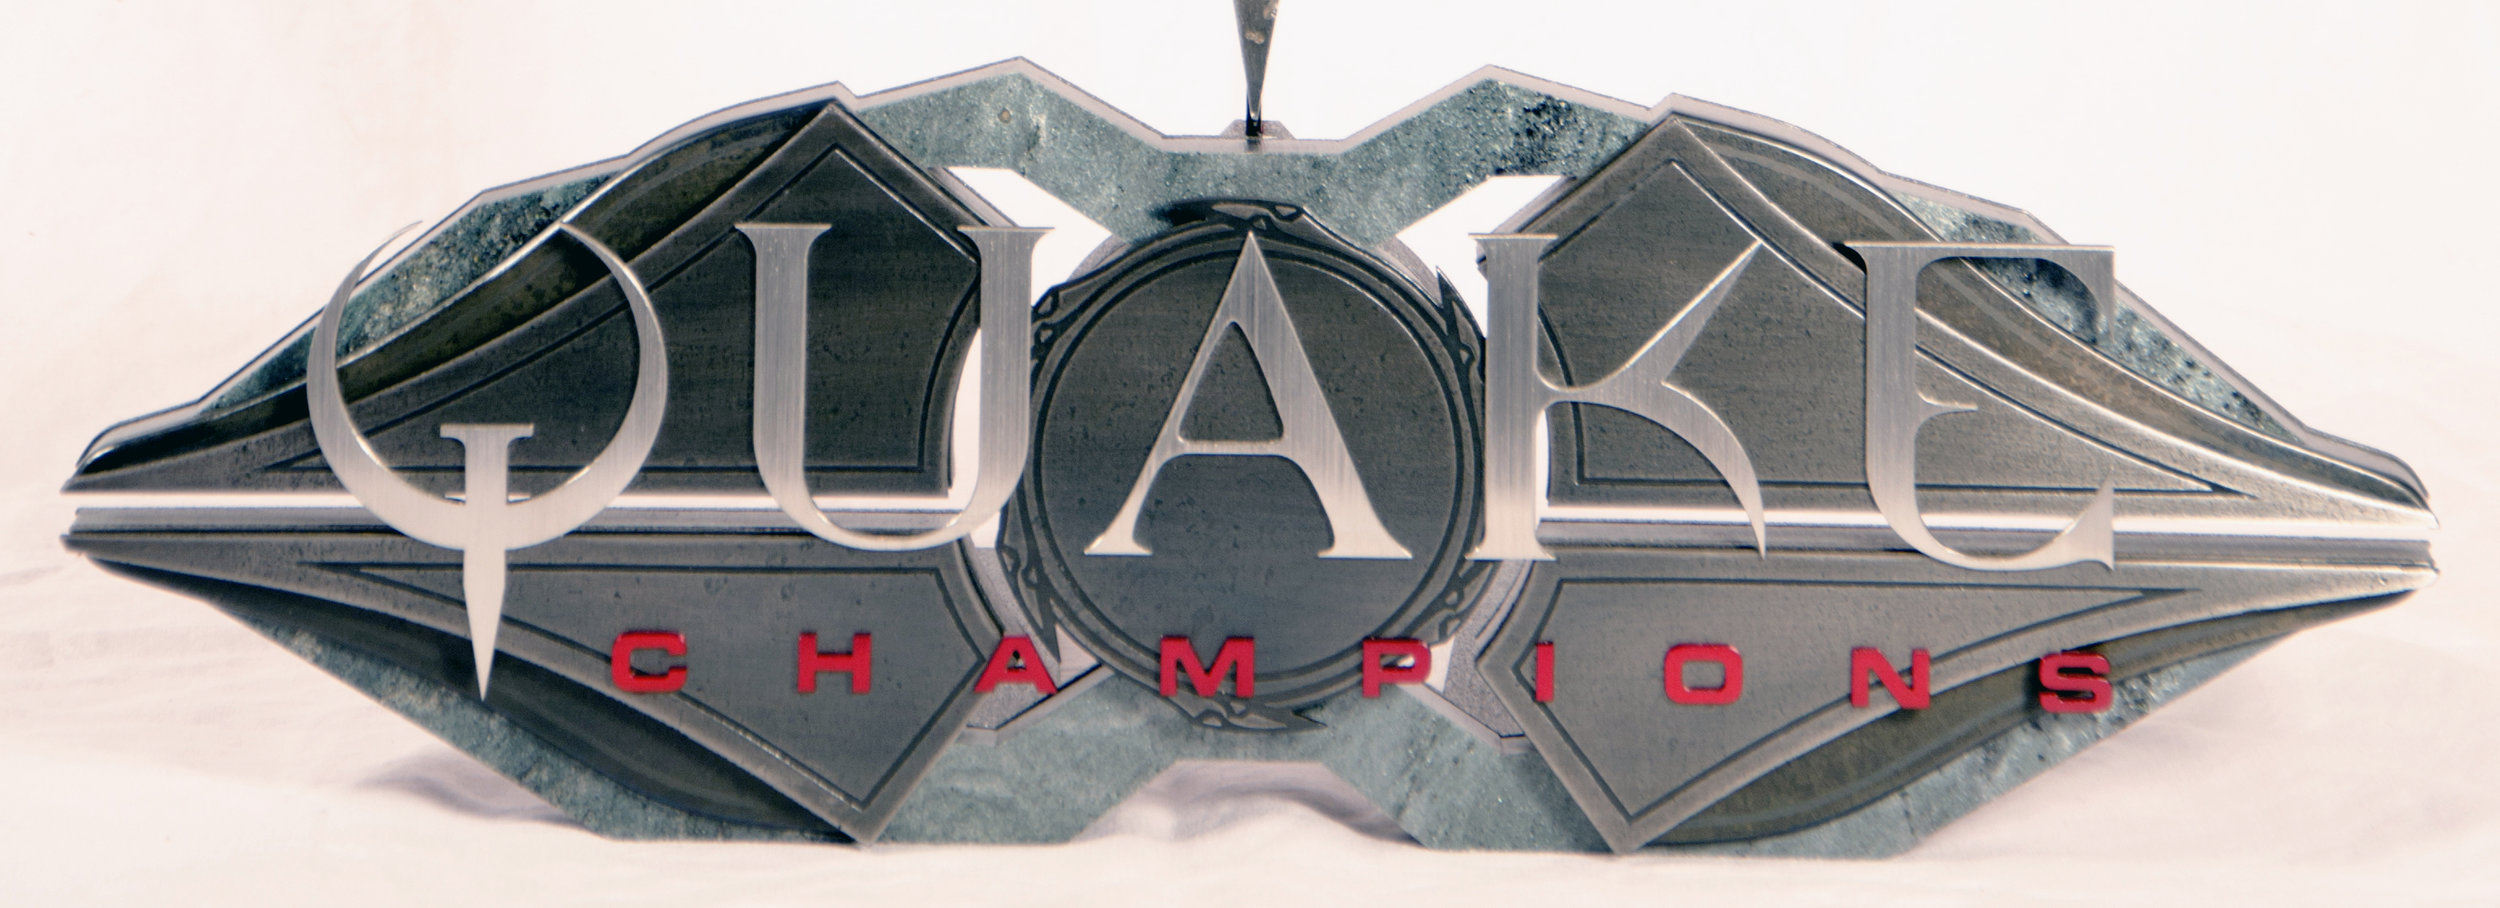 Base detail